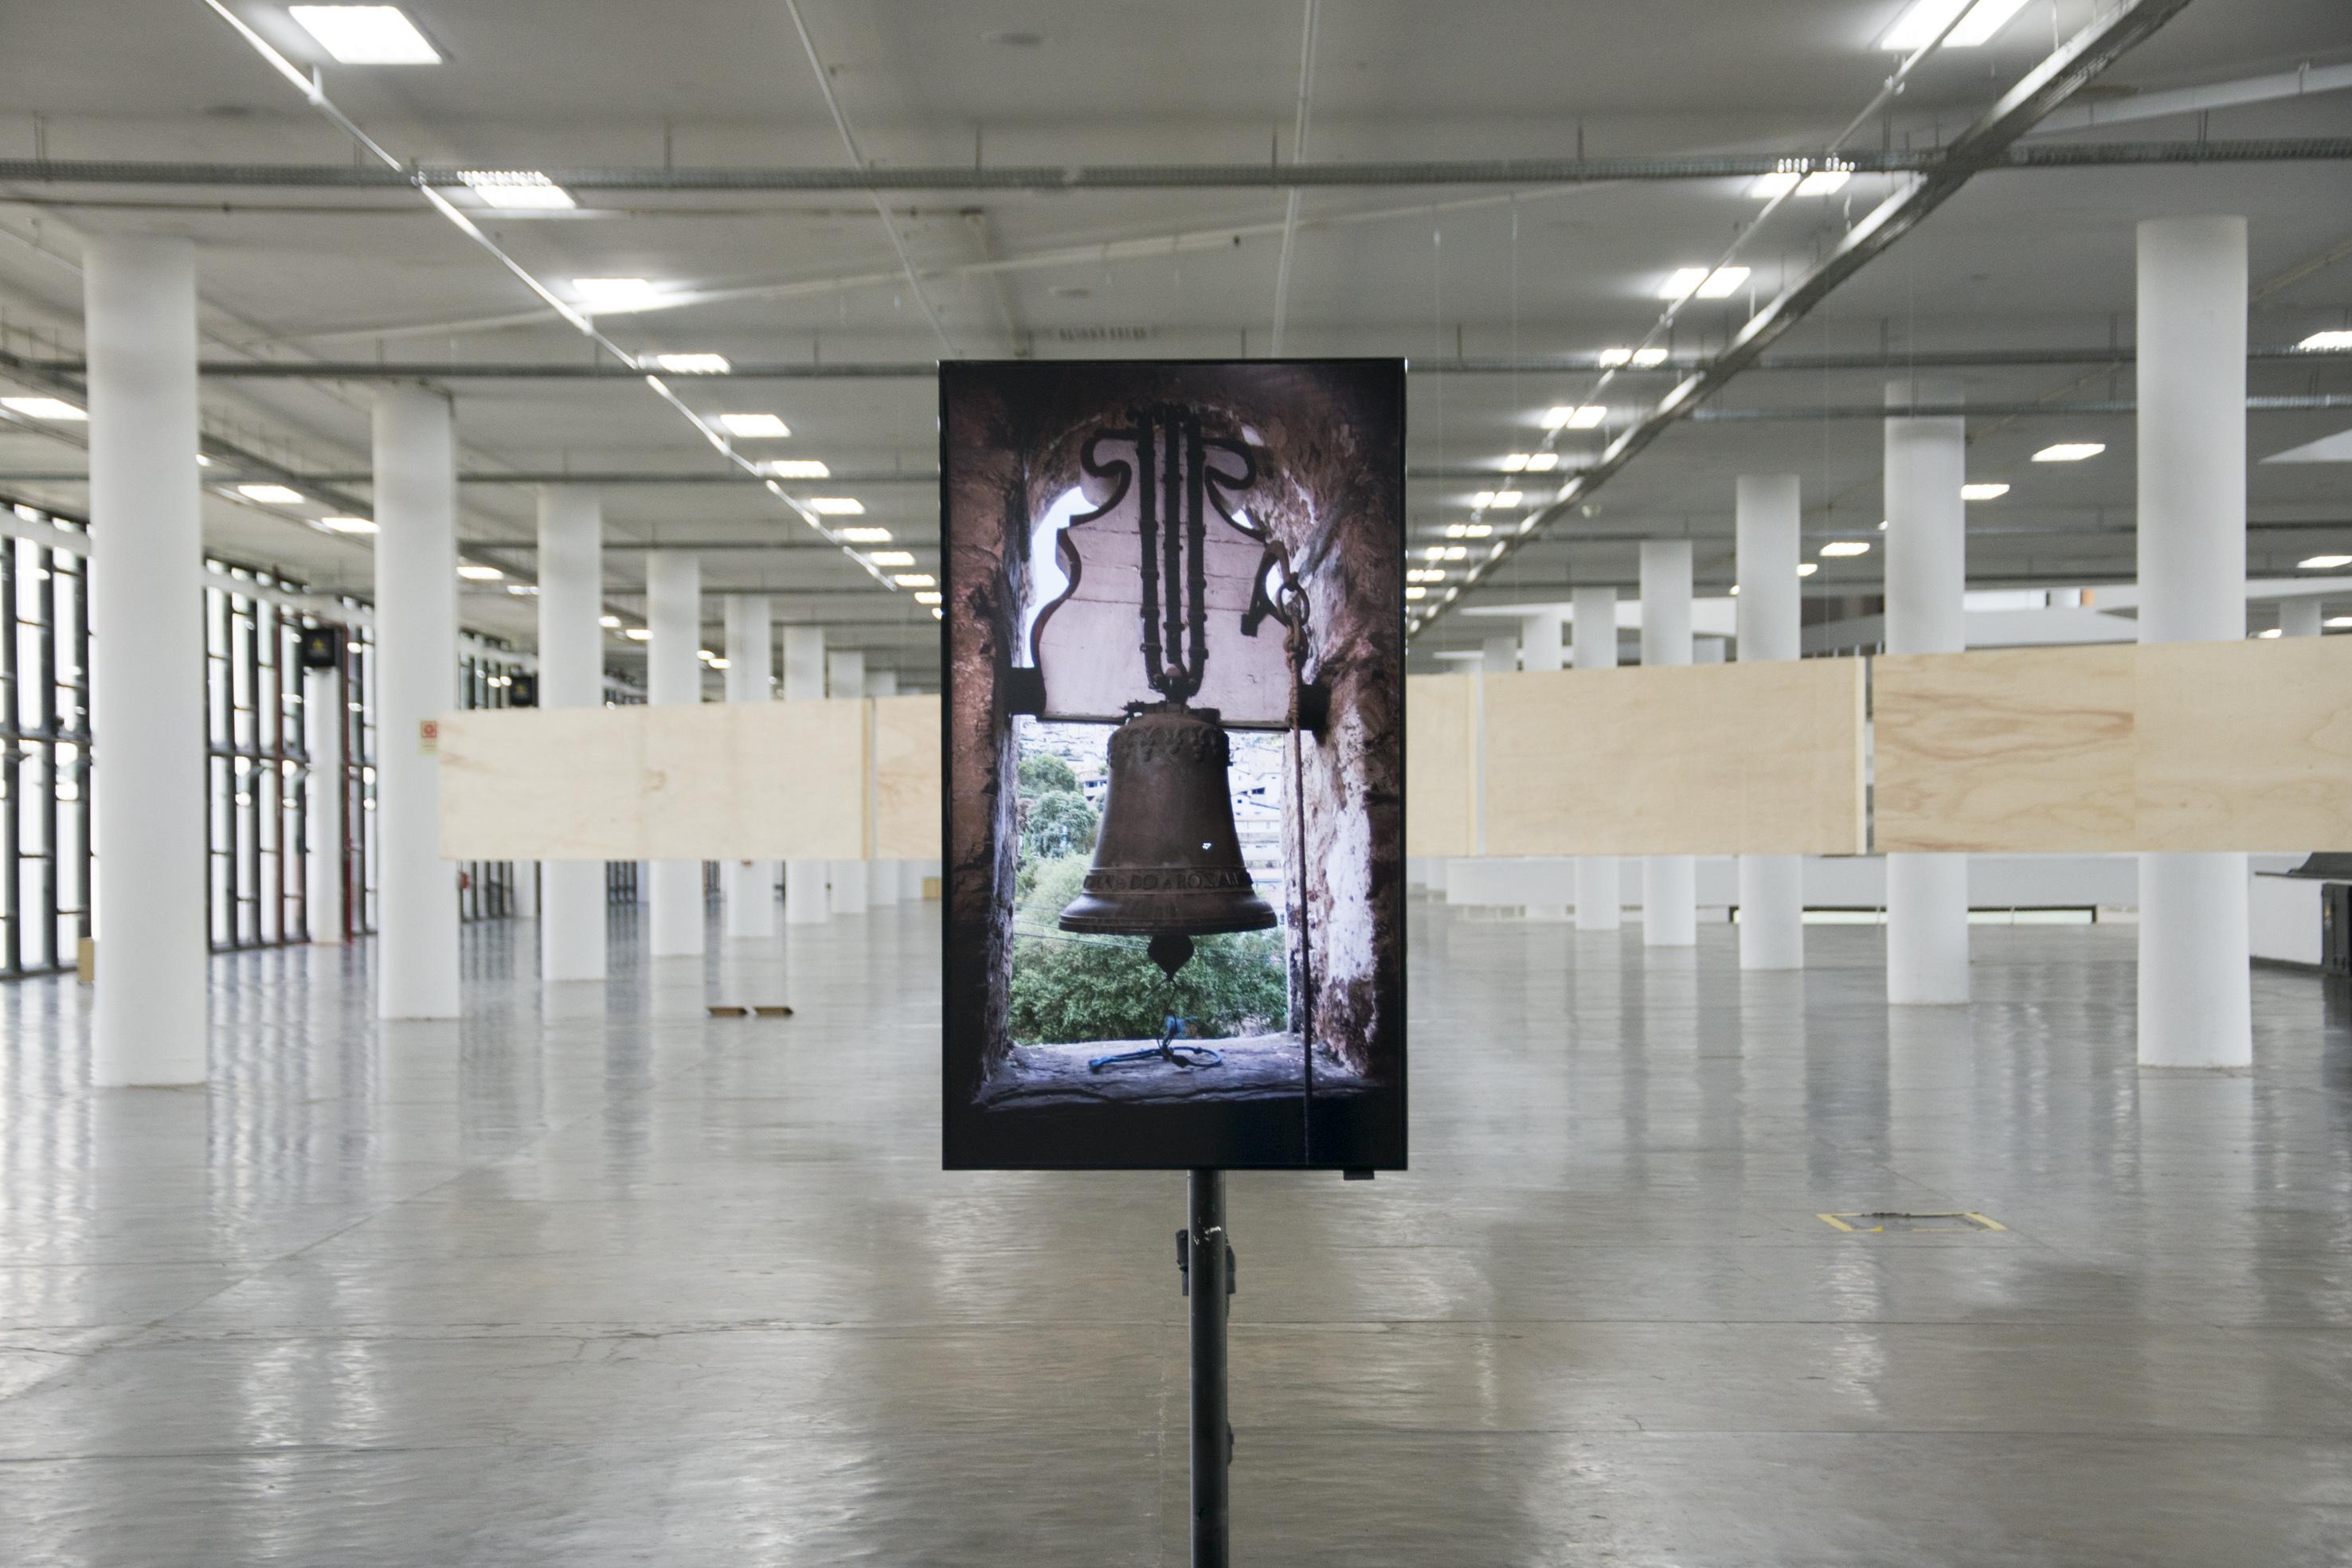 Vídeo que apresenta o enunciado Sino de Ouro Preto na exposição <i>Vento</i>, parte da 34ª Bienal de São Paulo. Foto de Levi Fanan / Fundação Bienal de São Paulo